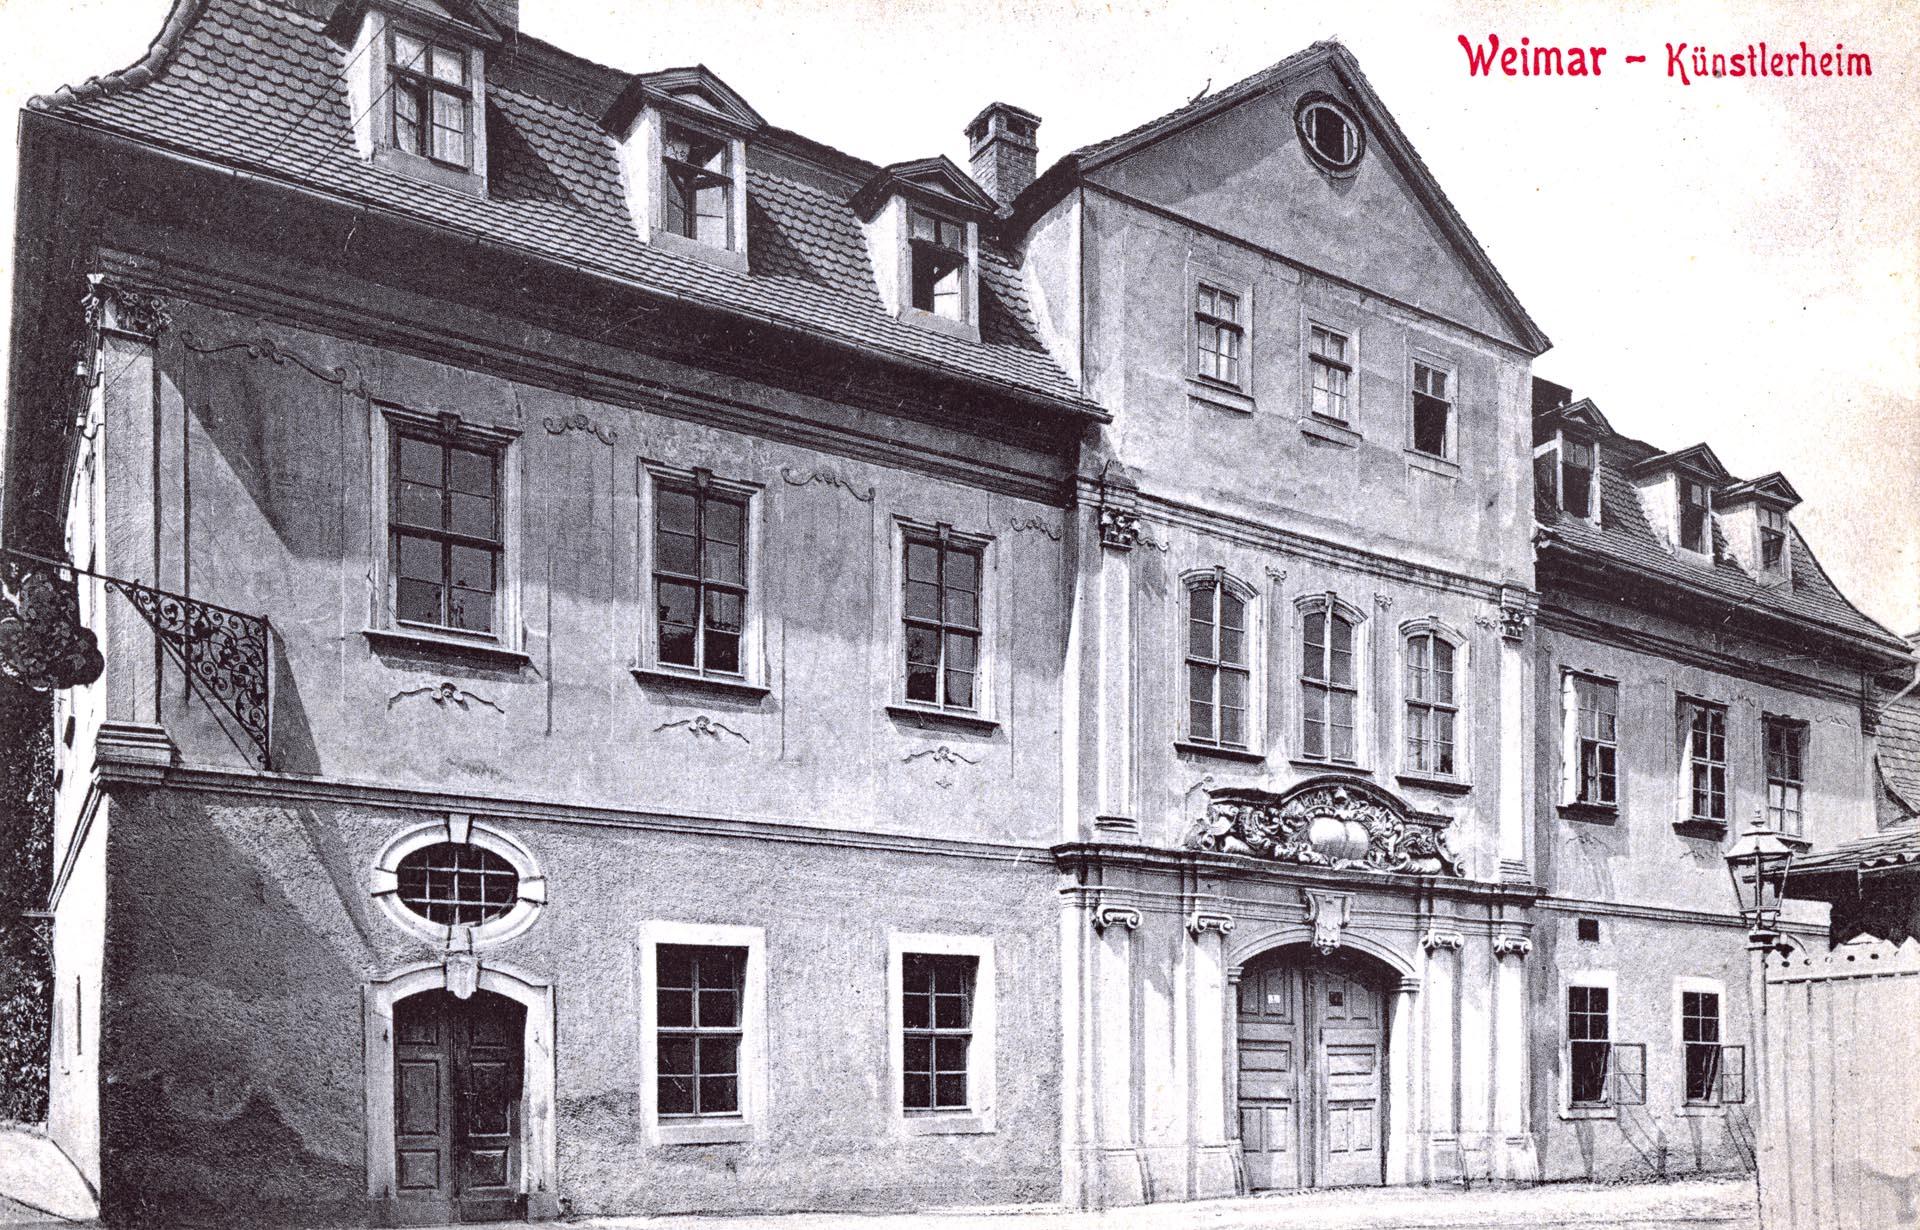 Künstlerheim